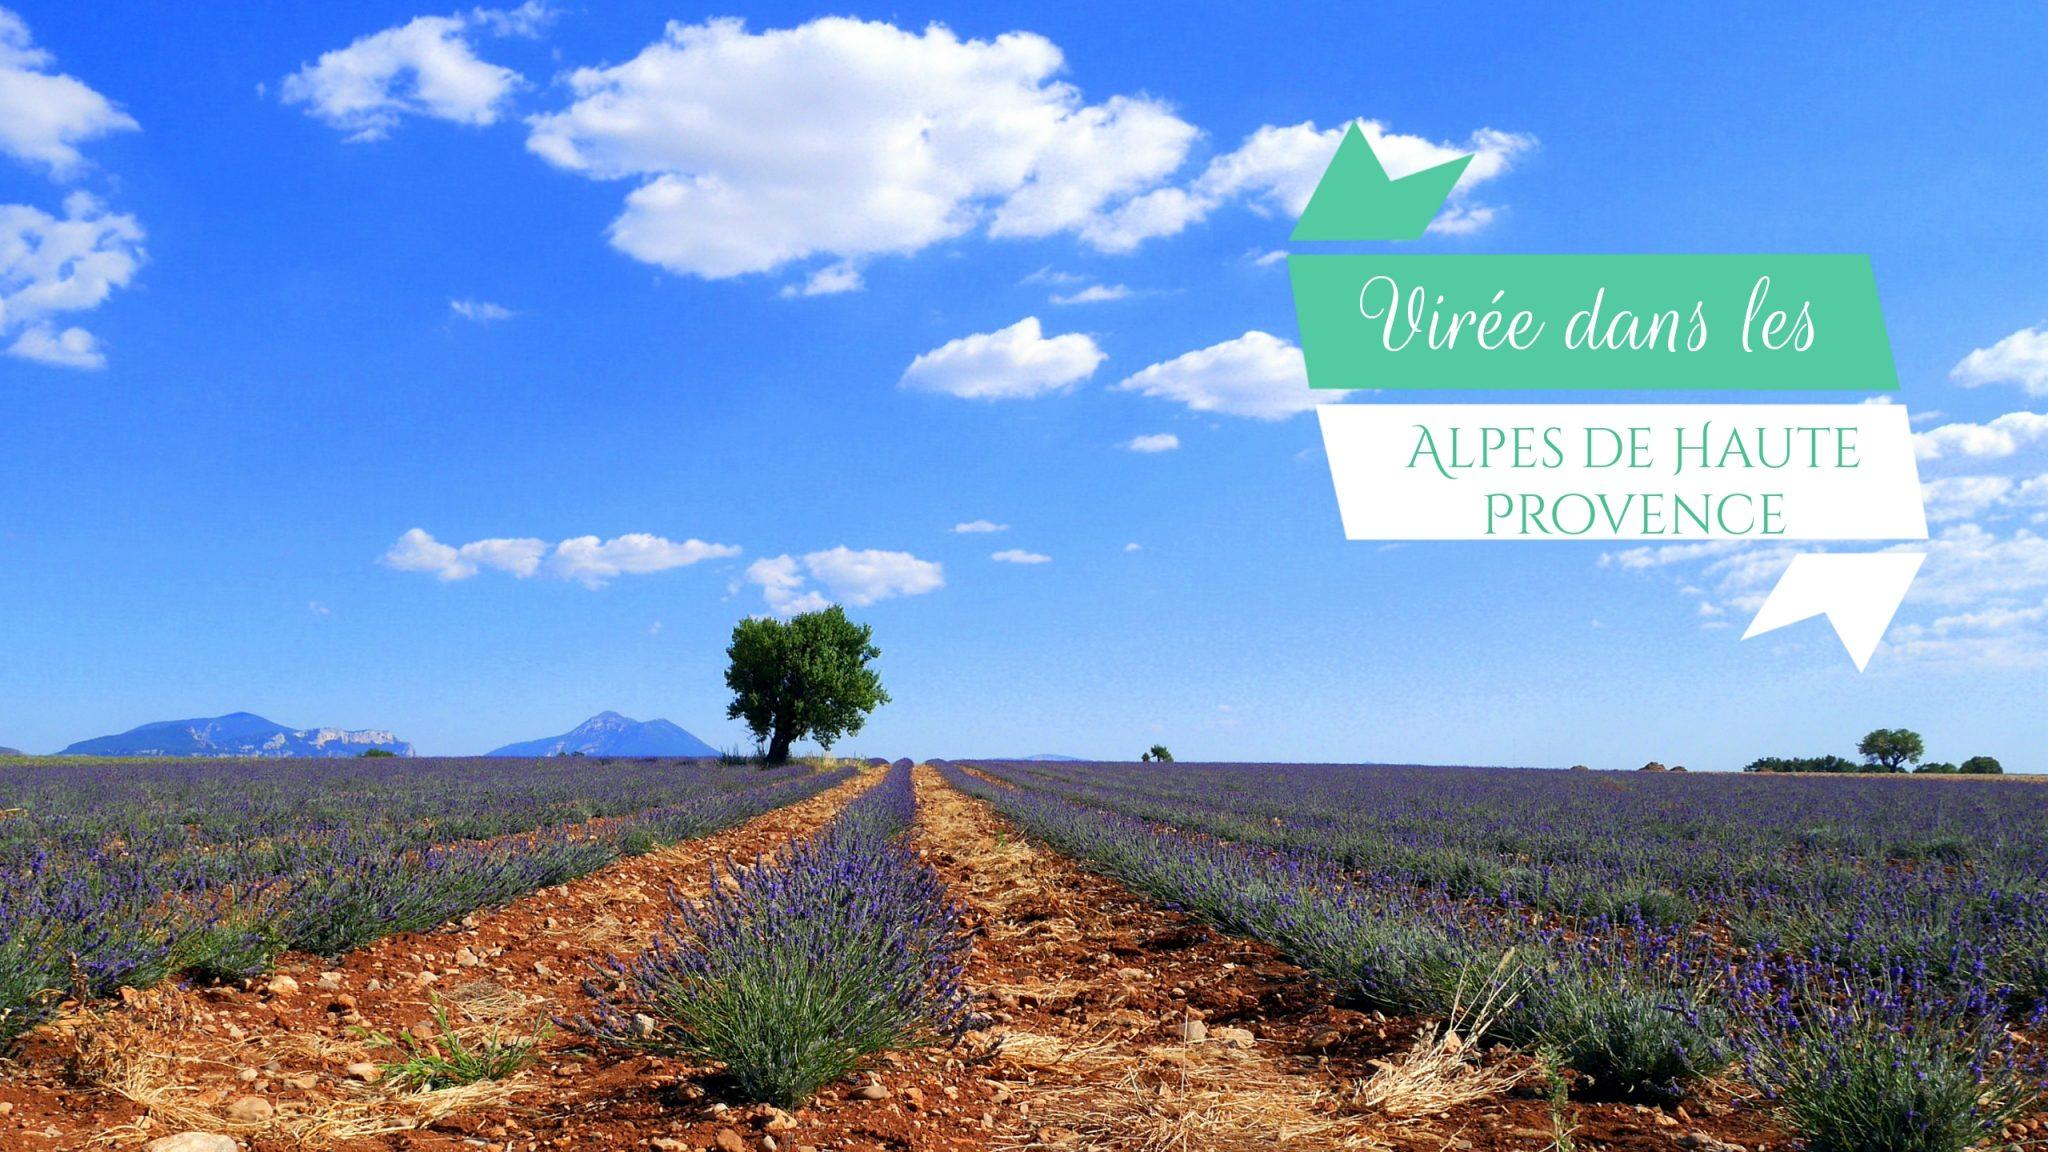 Virée dans les Alpes de Haute Provence